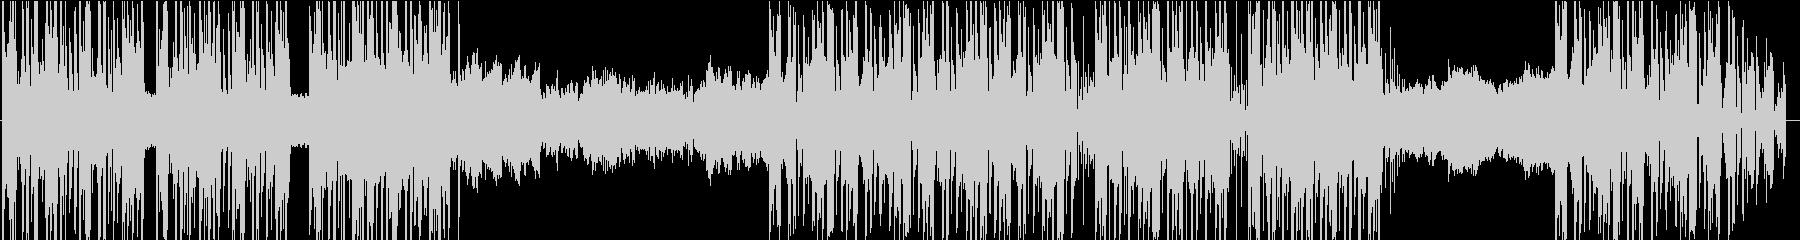 ダークダブ/ダブステップ。典型的な...の未再生の波形